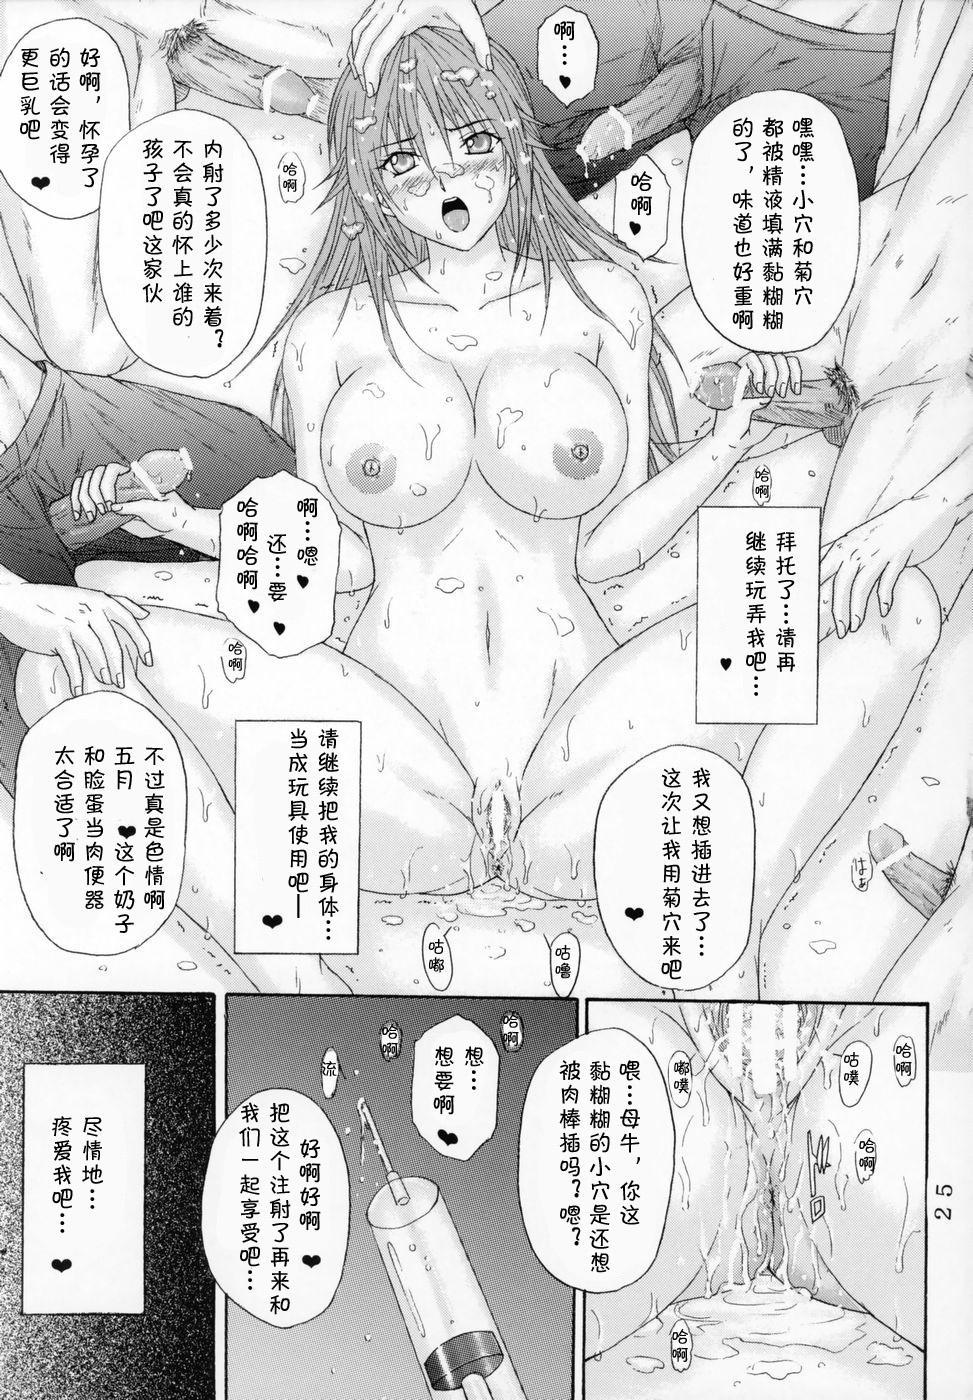 Ryoujoku Rensa 07 23